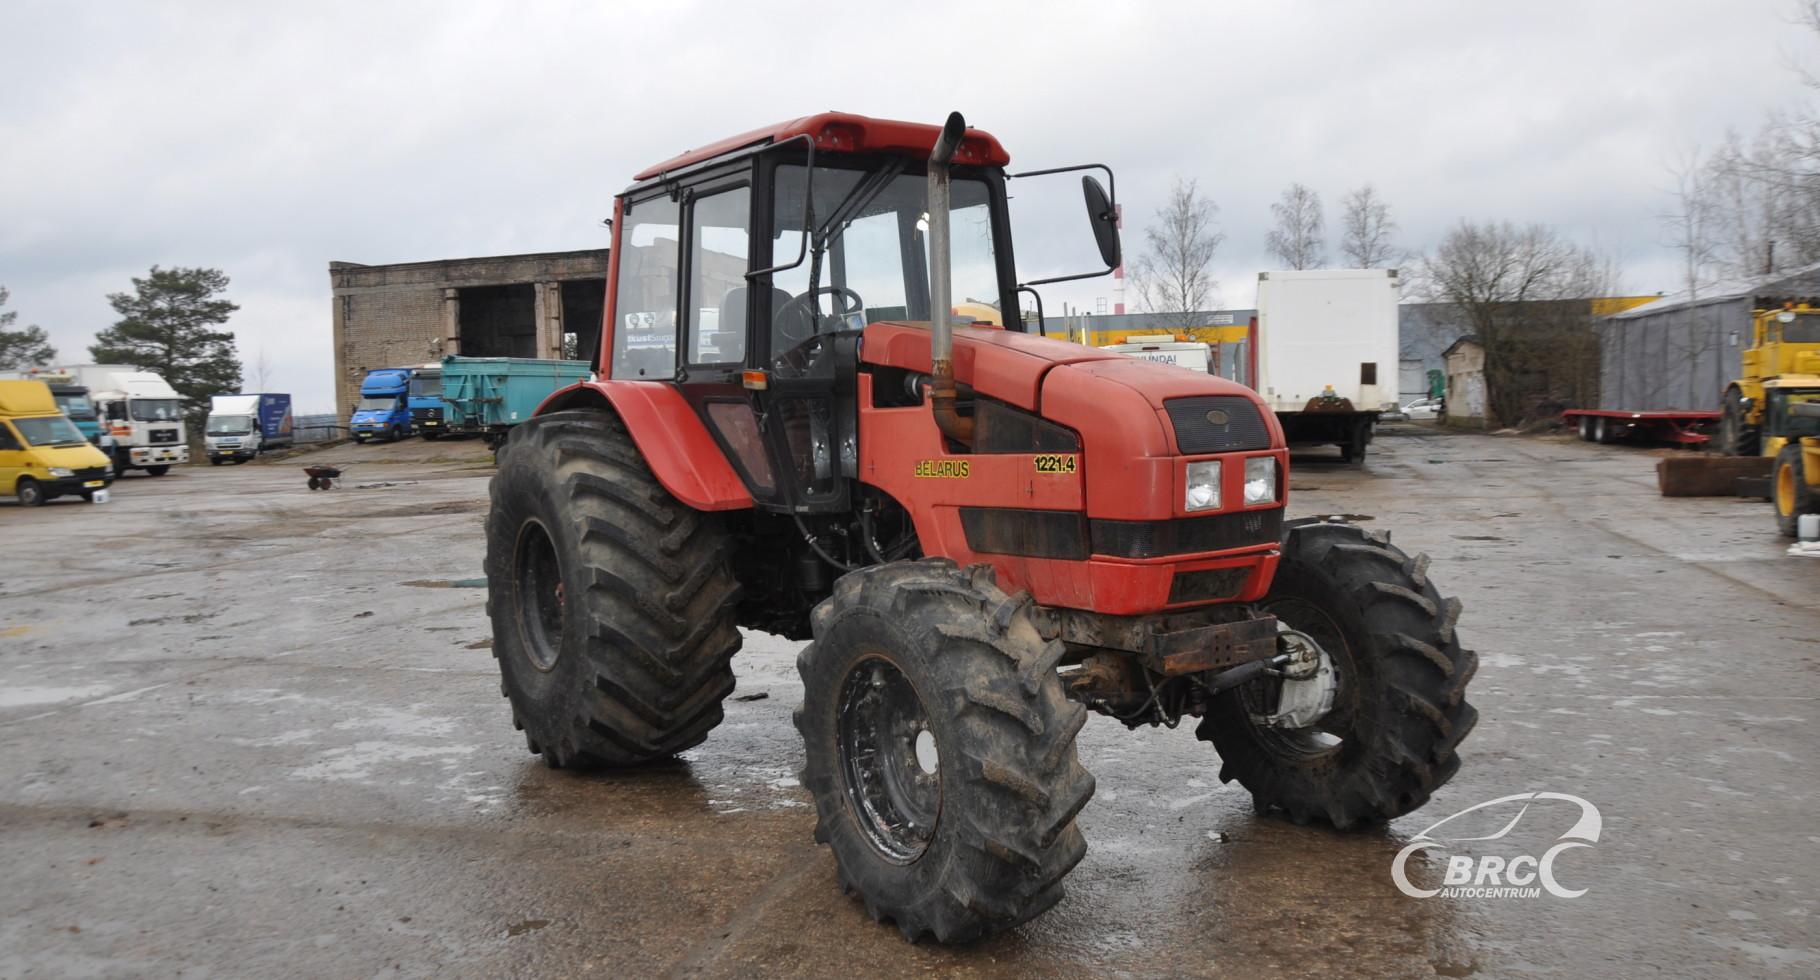 Belarus 12214 Id 788071 Brc Autocentrum Tractor Wiring Diagram